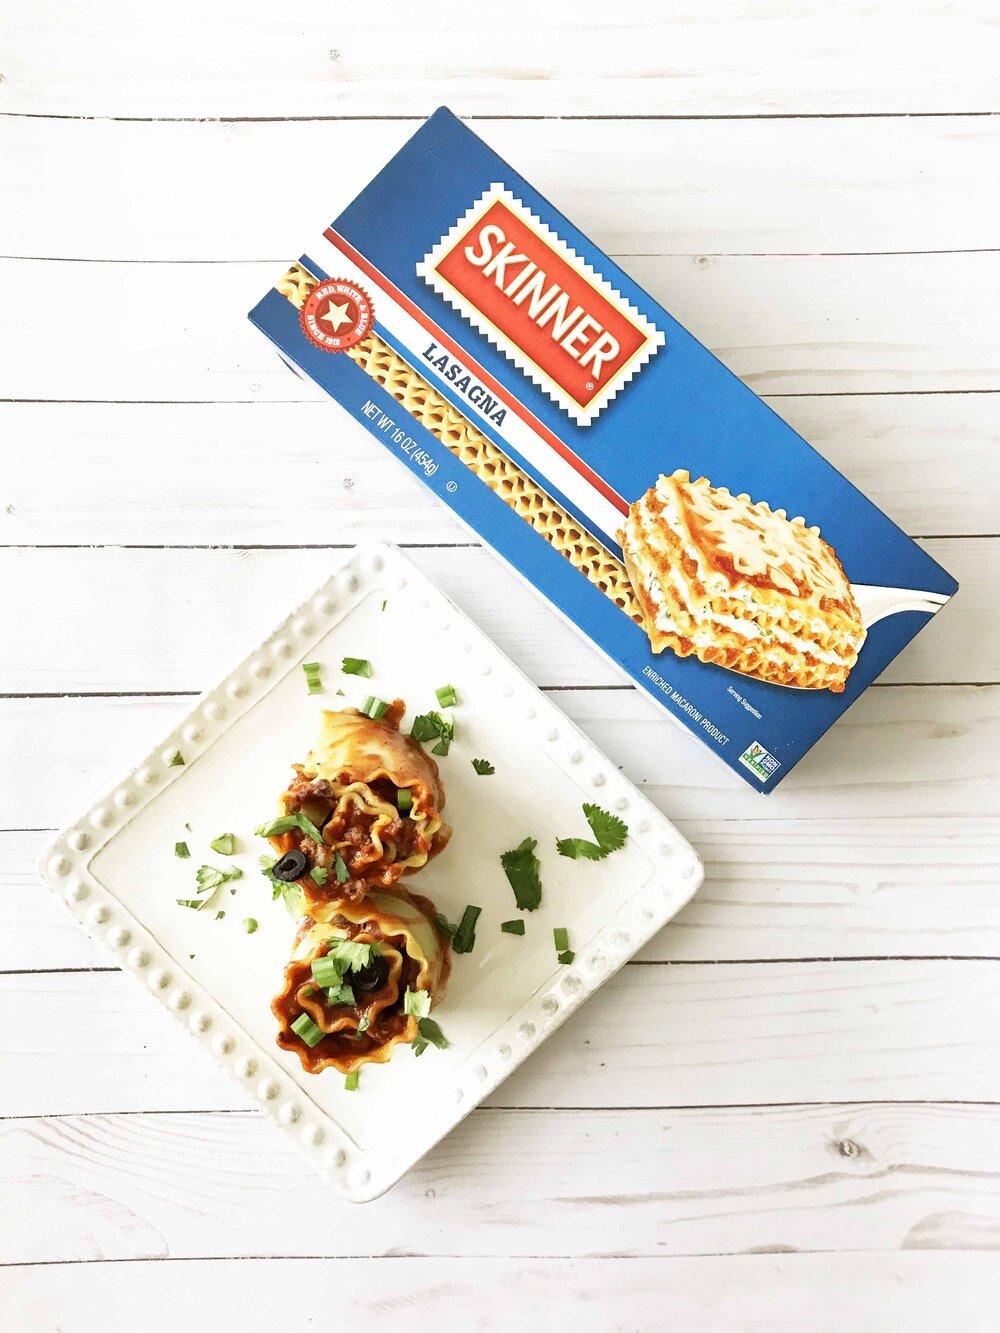 texmex-lasagna-rolls10.jpg